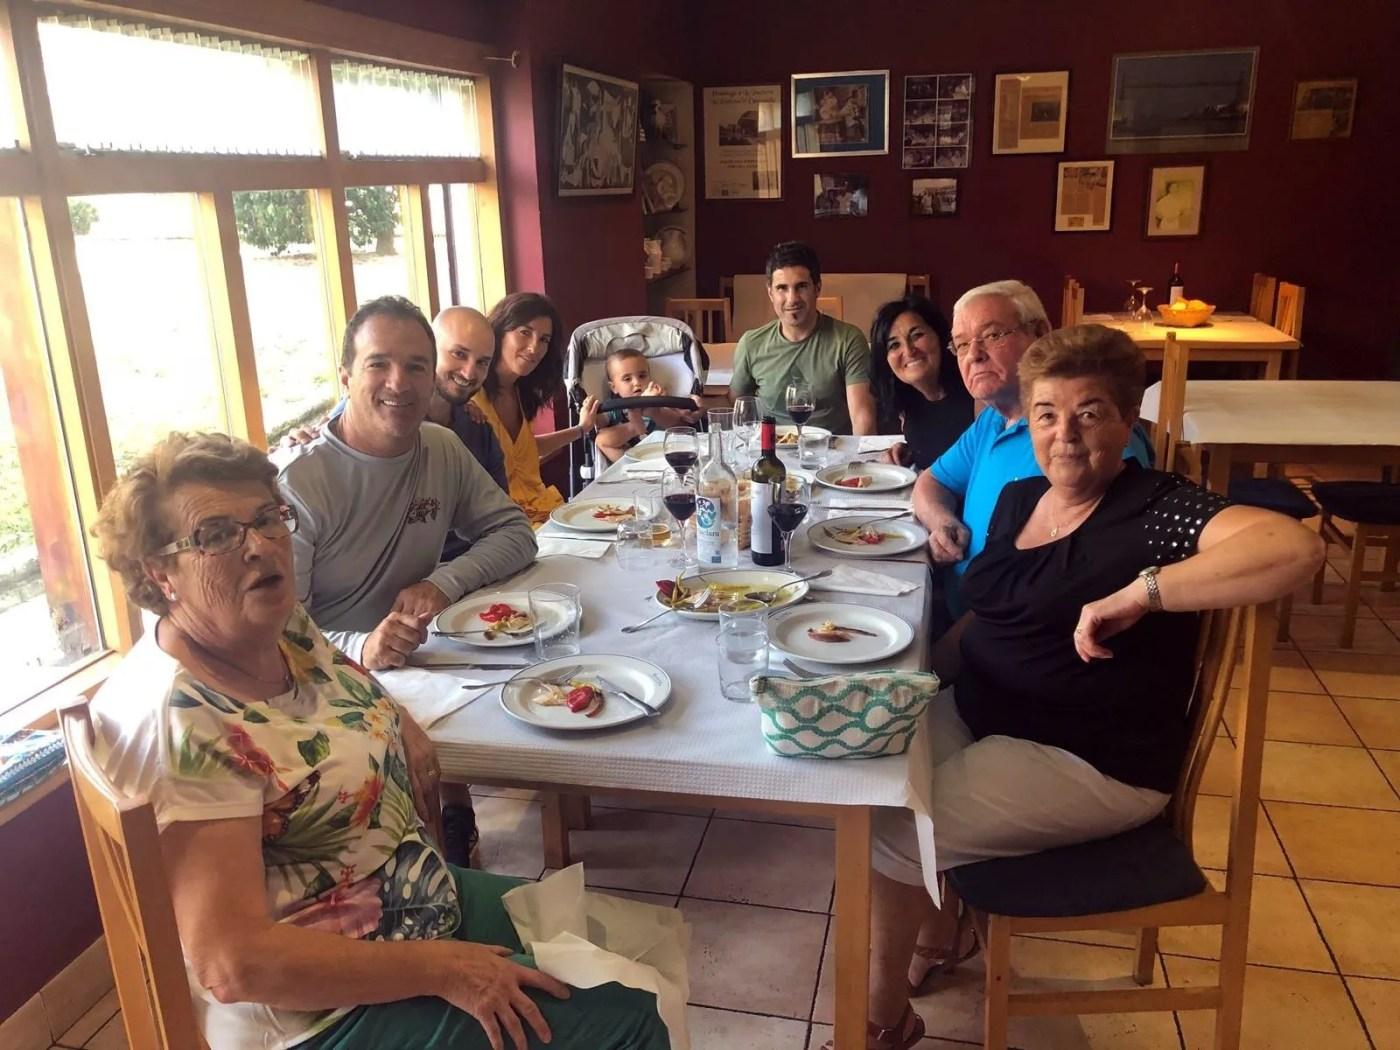 family dinner in bocairent spain